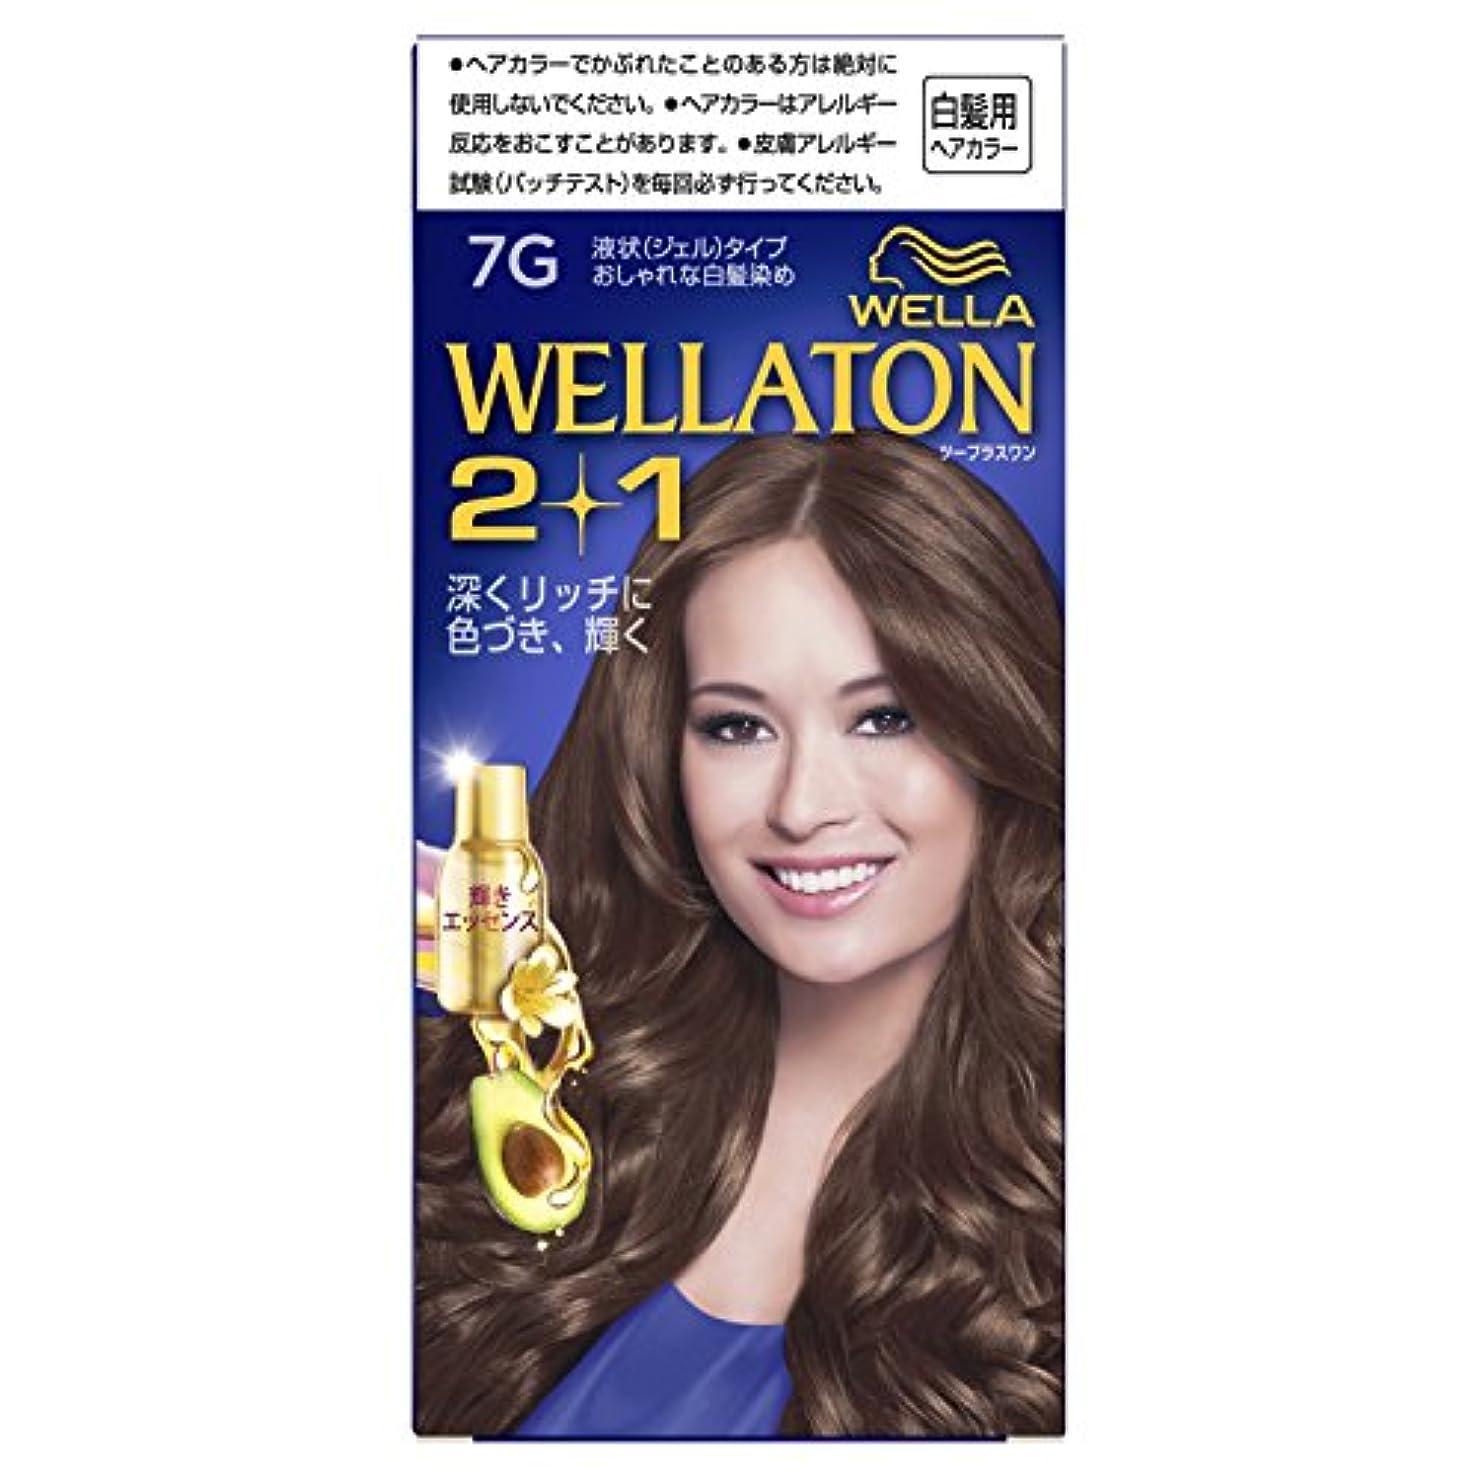 わがままオーバーラン強化ウエラトーン2+1 液状タイプ 7G [医薬部外品](おしゃれな白髪染め)